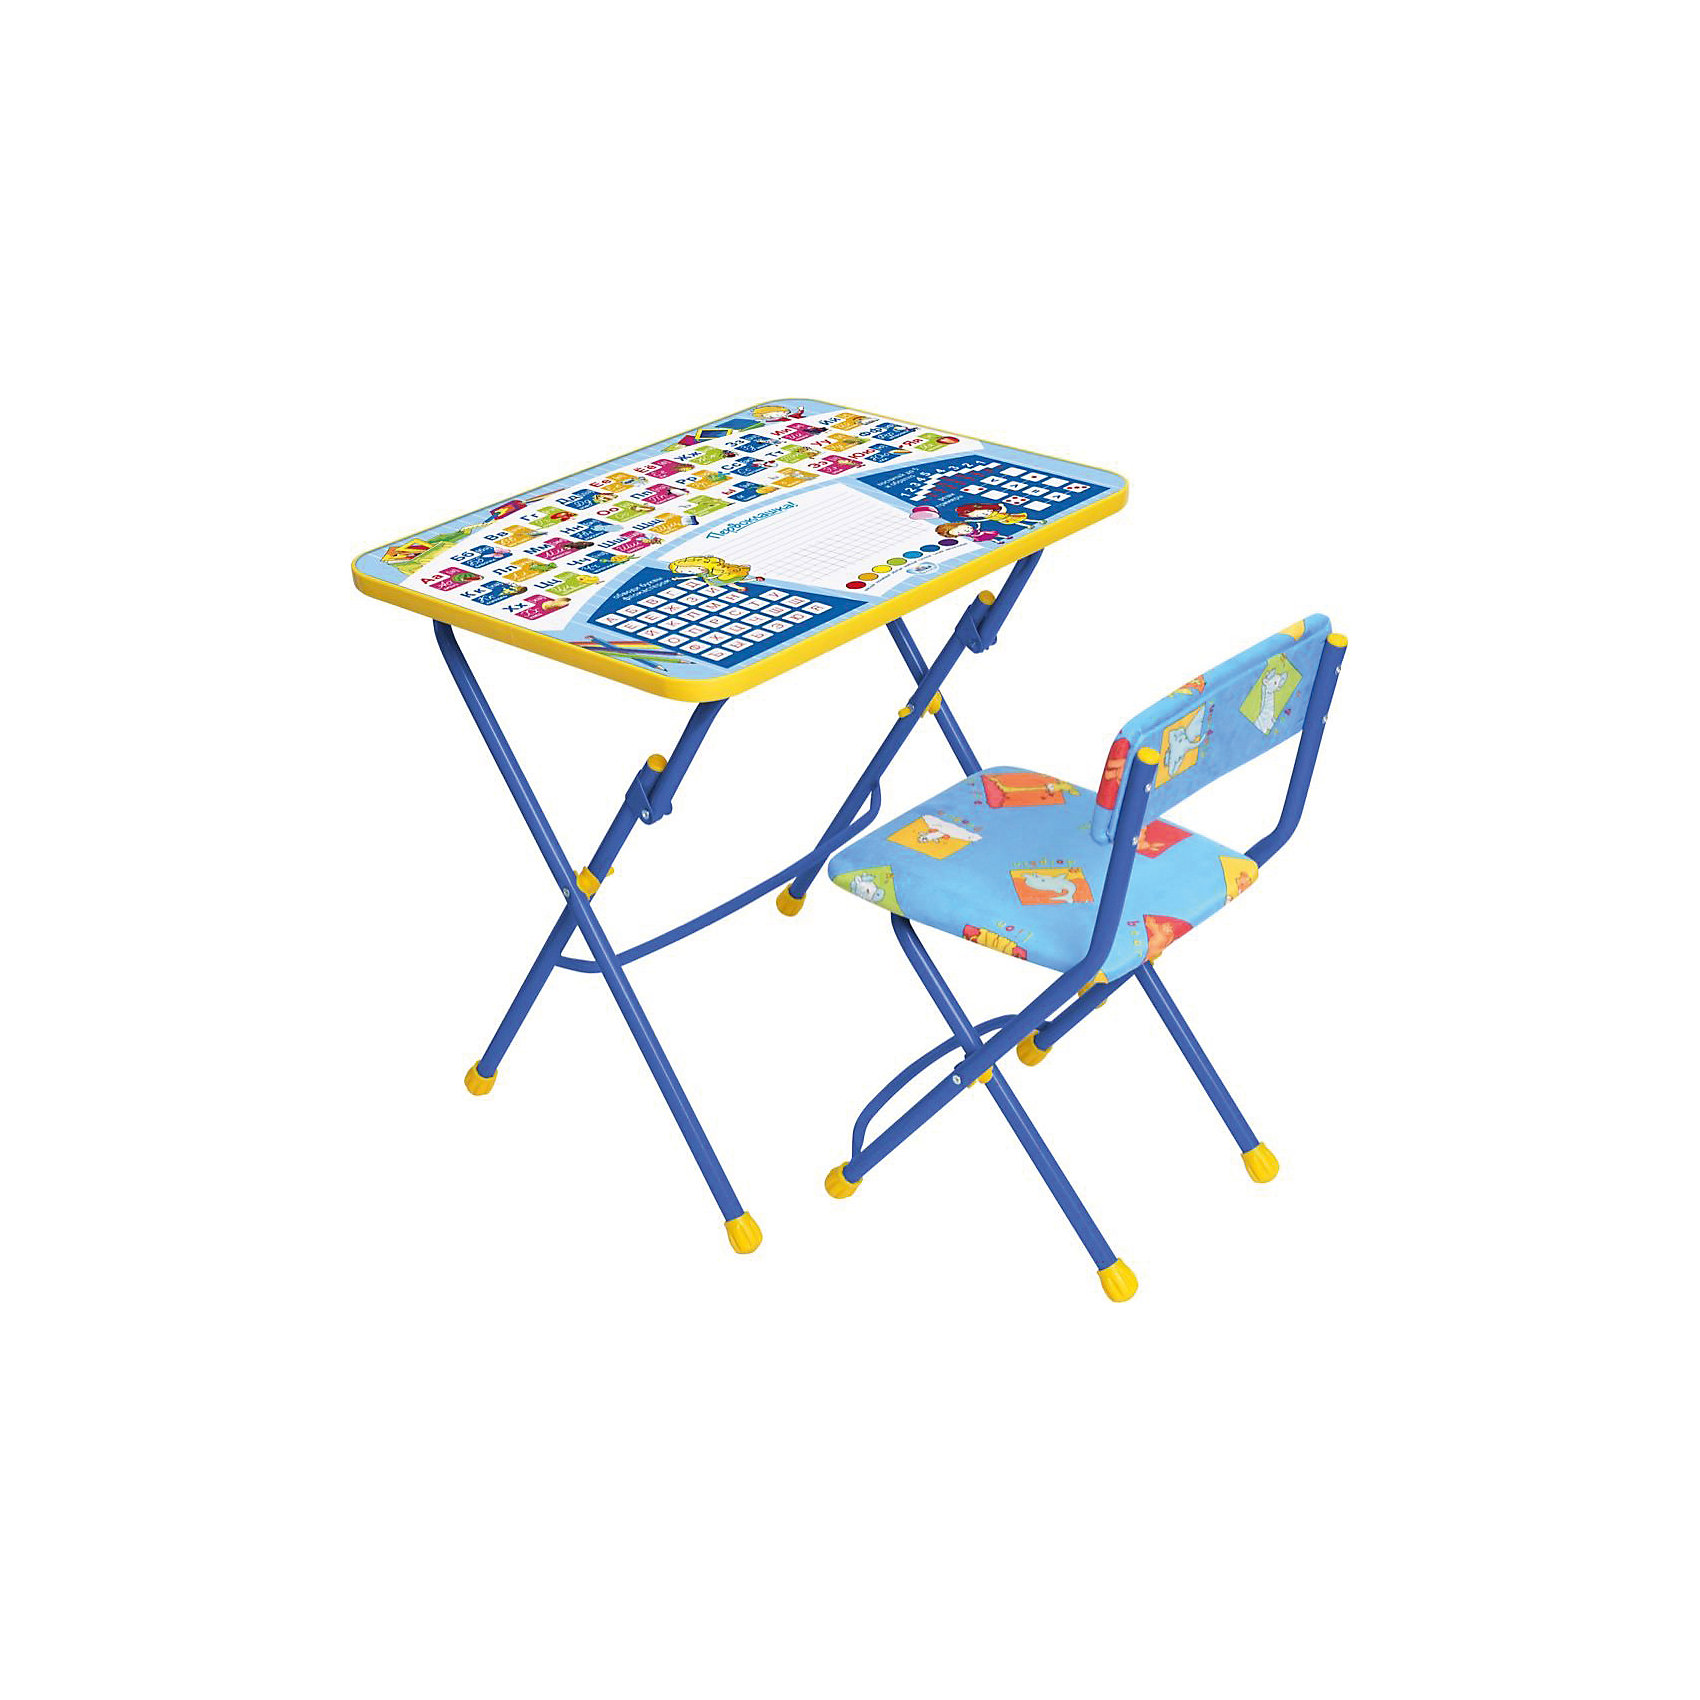 Набор мебели Первоклашка, Ника, синийСимпатичный комфортный набор детской мебели Первоклашка Ника идеально подойдет для занятий, игр и творчества детей 2 -7 лет. В набор входят стол и стул с металлическим каркасом и мягким сиденьем.<br><br>Столешница оформлена красочными тематическими рисунками, которые познакомят ребенка с азбукой, цифрами, цветами, знаками сравнения (больше, меньше, равно), обводя буквы фломастером прямо на столе он освоит написание алфавита. Столешницу можно располагать горизонтально или под наклоном, на край крепится пенал для хранения письменных принадлежностей. <br><br>Мебель удобна и безопасна для ребенка, углы стола и стула мягко закруглены, ножки мебели закрыты колпачками, защищающими поверхность пола от повреждений. Стул и стол легко складываются и не занимают много места.<br><br>Дополнительная информация:<br><br>- Материал: пластик, металл.<br>- Размер стула: высота до сиденья 32 см, высота со спинкой 56 см, сиденье 30 х 27 см.<br>- Размер стола: 60 х 45 х 57 см.<br>- Вес: 8 кг.<br><br>Набор детской мебели Первоклашка Ника можно купить в нашем интернет-магазине.<br><br>Ширина мм: 740<br>Глубина мм: 620<br>Высота мм: 150<br>Вес г: 9000<br>Возраст от месяцев: 24<br>Возраст до месяцев: 84<br>Пол: Унисекс<br>Возраст: Детский<br>SKU: 3571156